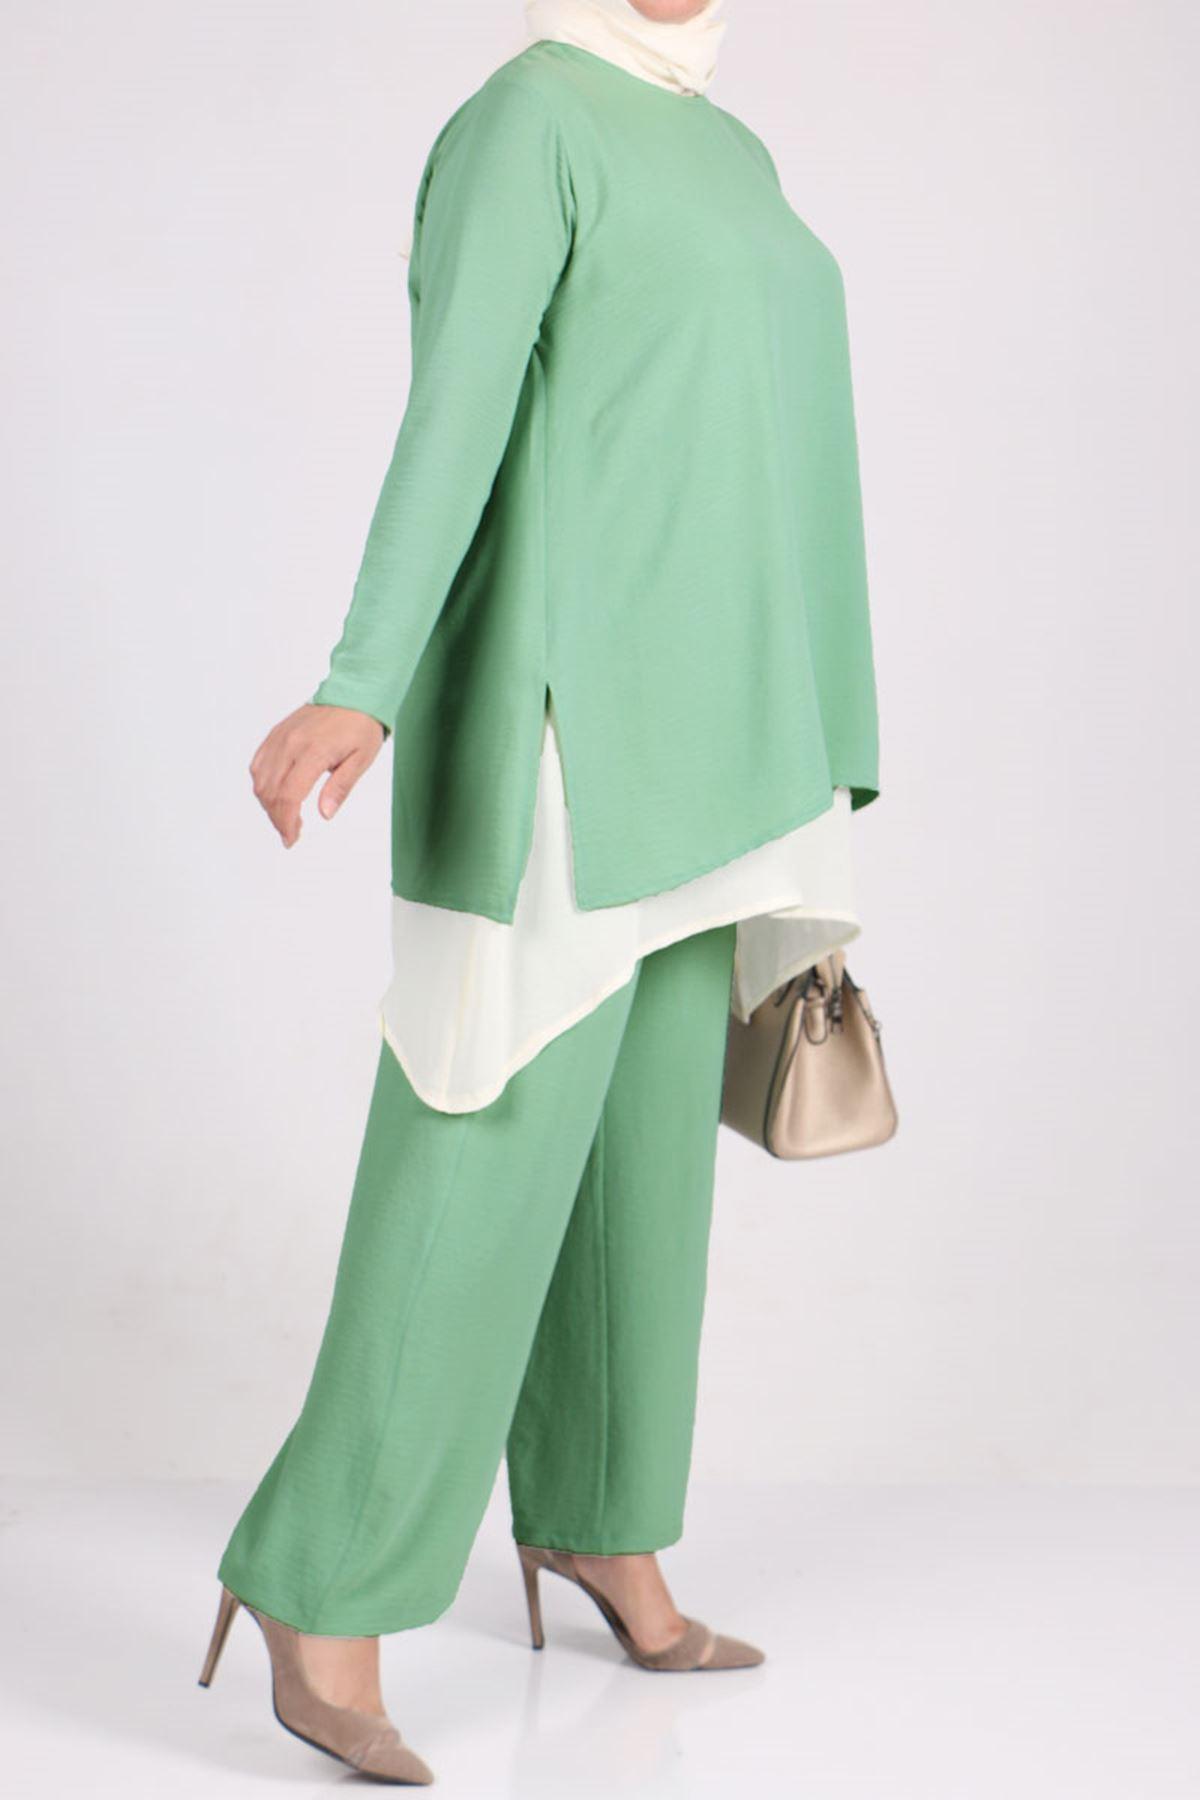 7703 Büyük Beden Airobin Çift Kat Pantolonlu Takım - Su Yeşili